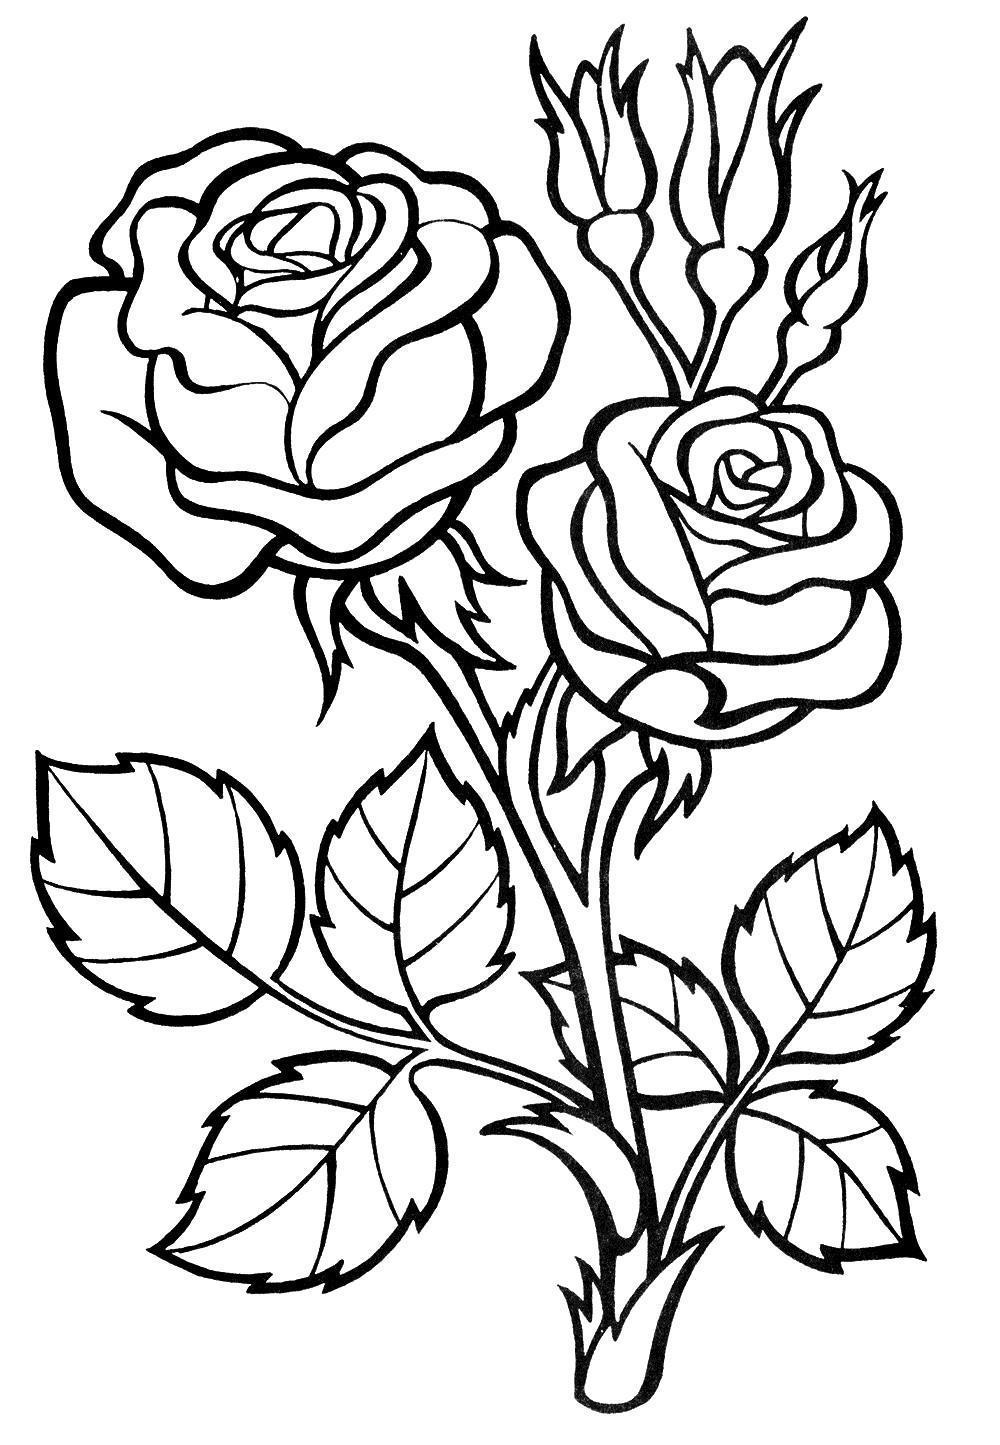 раскраски для девочек 5 лет цветы